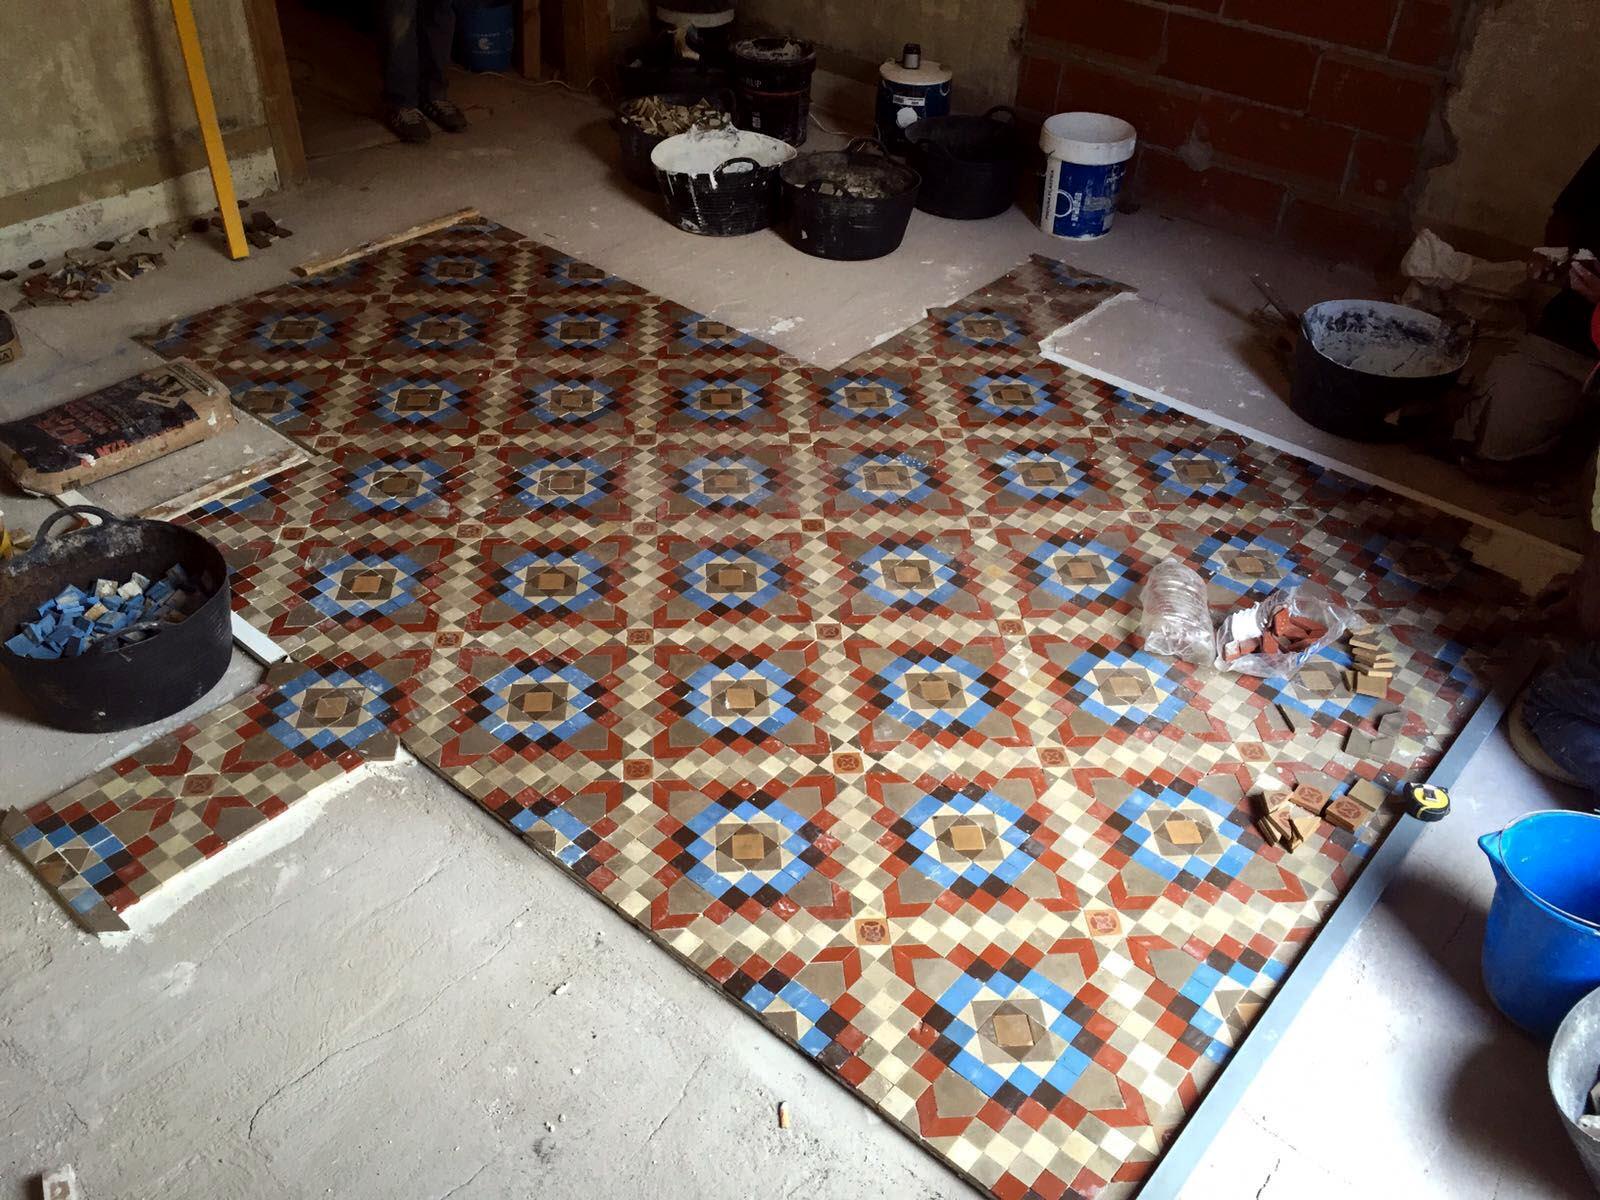 Restauración de suelos de mosaico nolla en vivienda de Barcelona